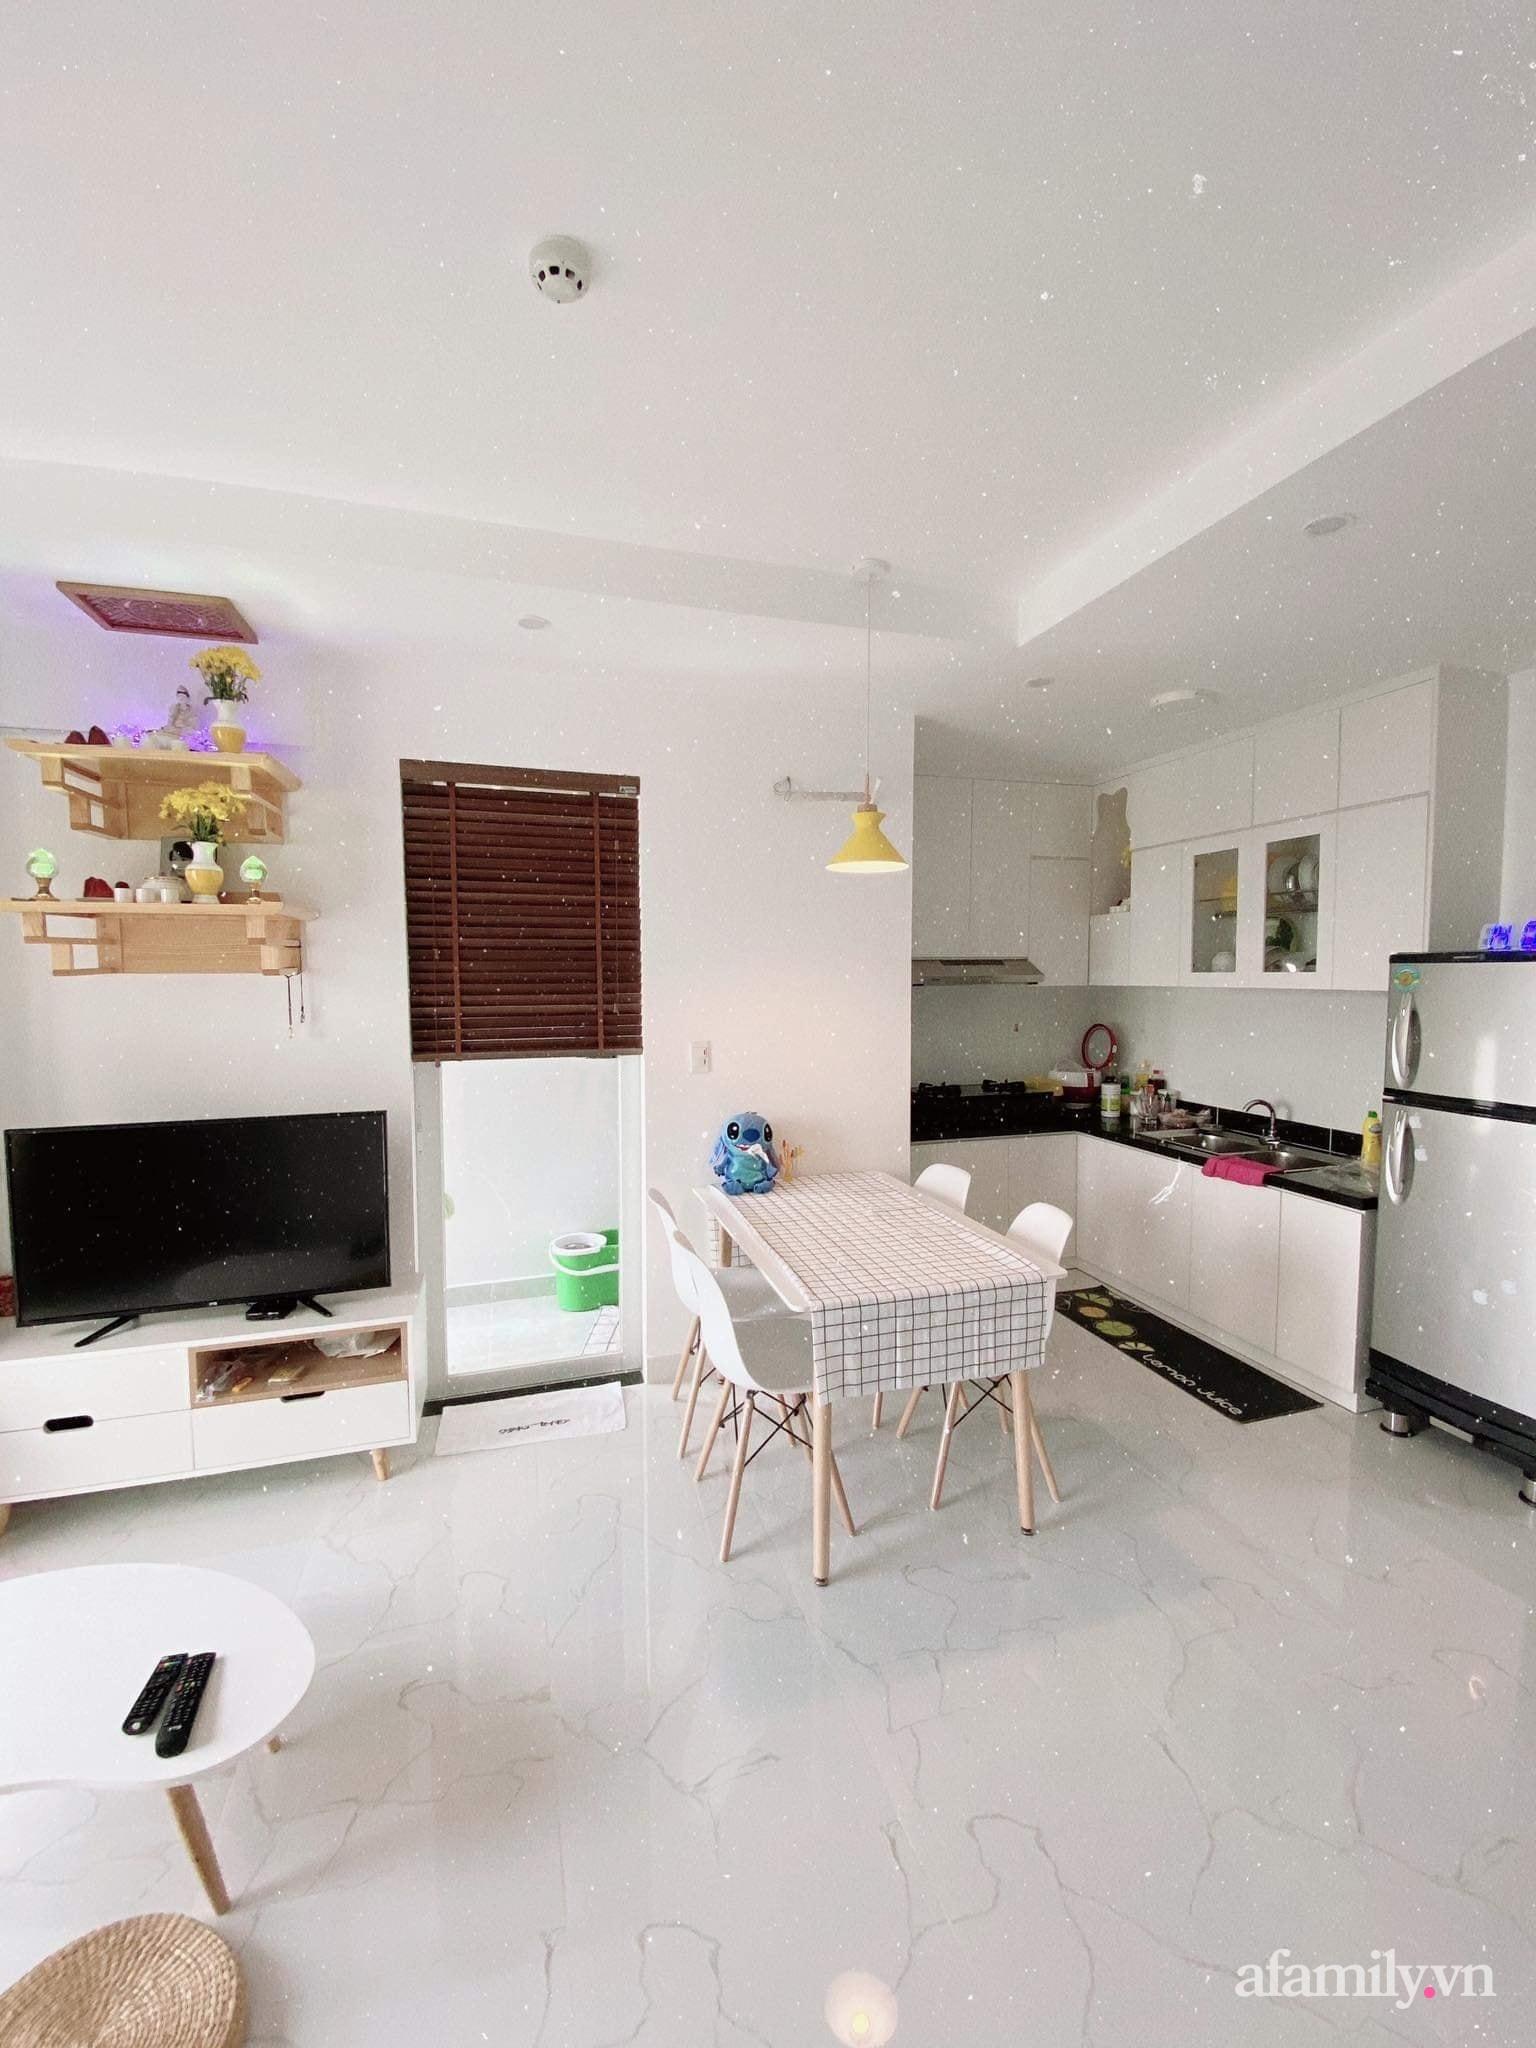 Nhà thiết kế ra tay decor căn hộ trống với chi phí cơ bản chỉ hơn 10 triệu đồng mà thành quả mê ly ai cũng vỗ tay khen ngợi - Ảnh 8.